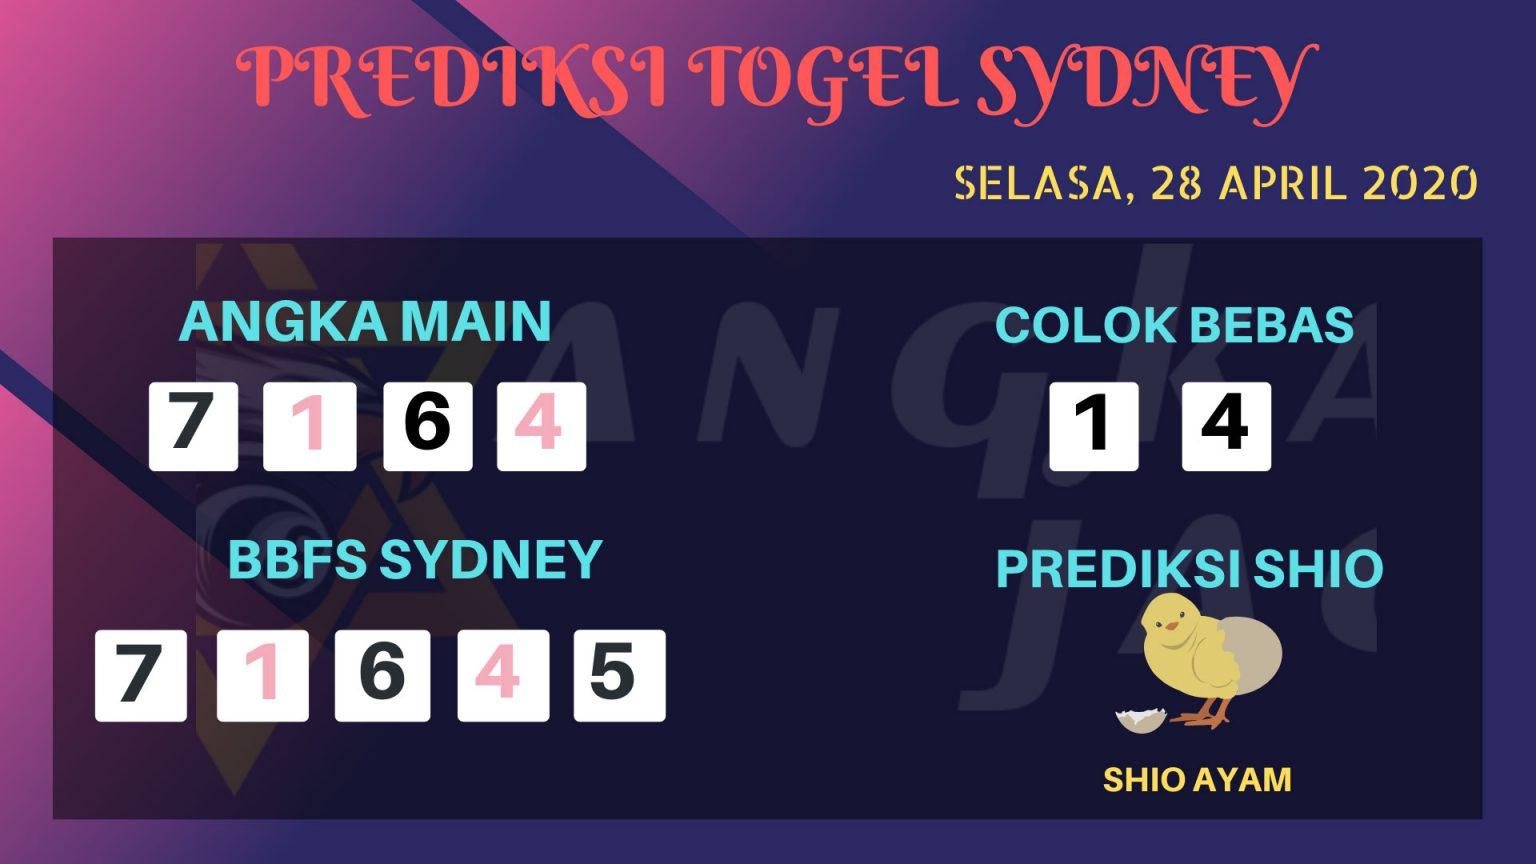 Prediksi Togel Sidney Selasa 28 April 2020 - Prediksi Angka Sidney